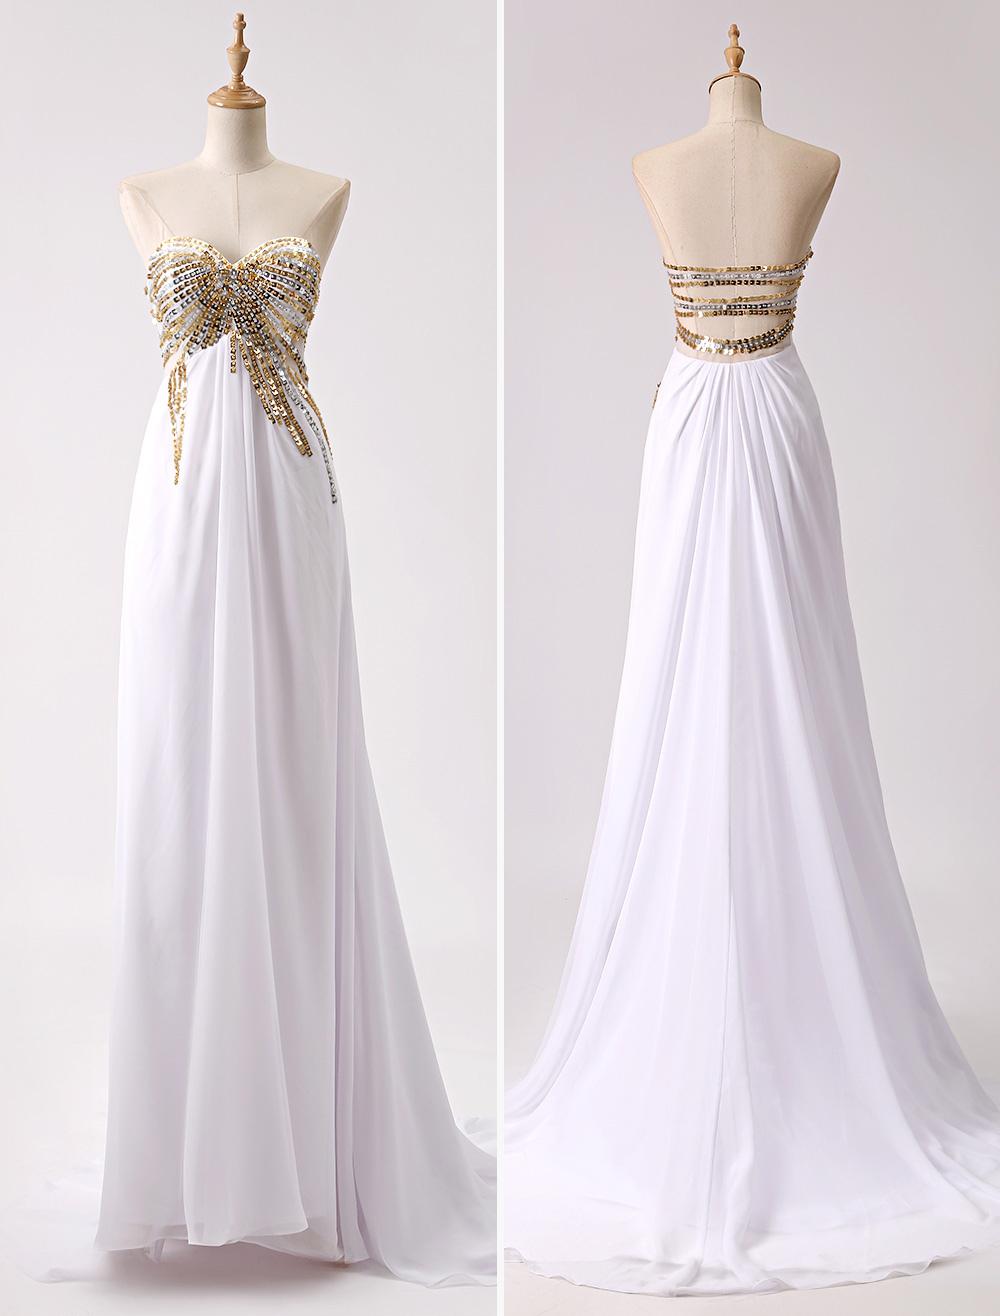 A-Linien Prom-Kleid aus Chiffon - Empire-Stil - flanevo